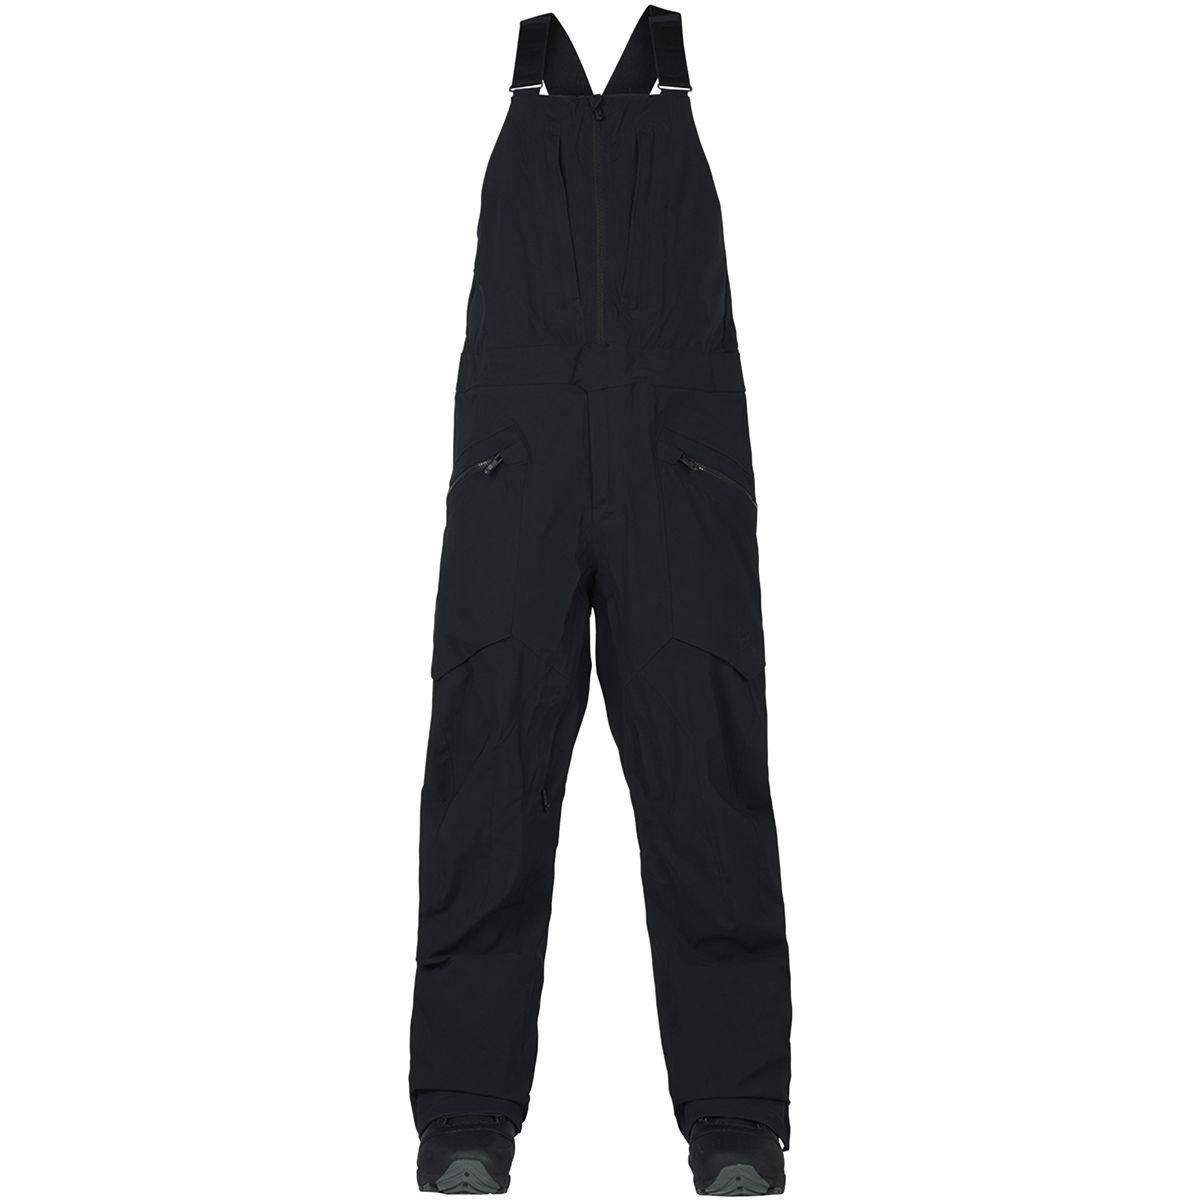 (バートン) Burton AK 3L Freebird Gore-Tex Bib Pant メンズ ズボンTrue 黒 [並行輸入品] True 黒 日本サイズ L (US M)